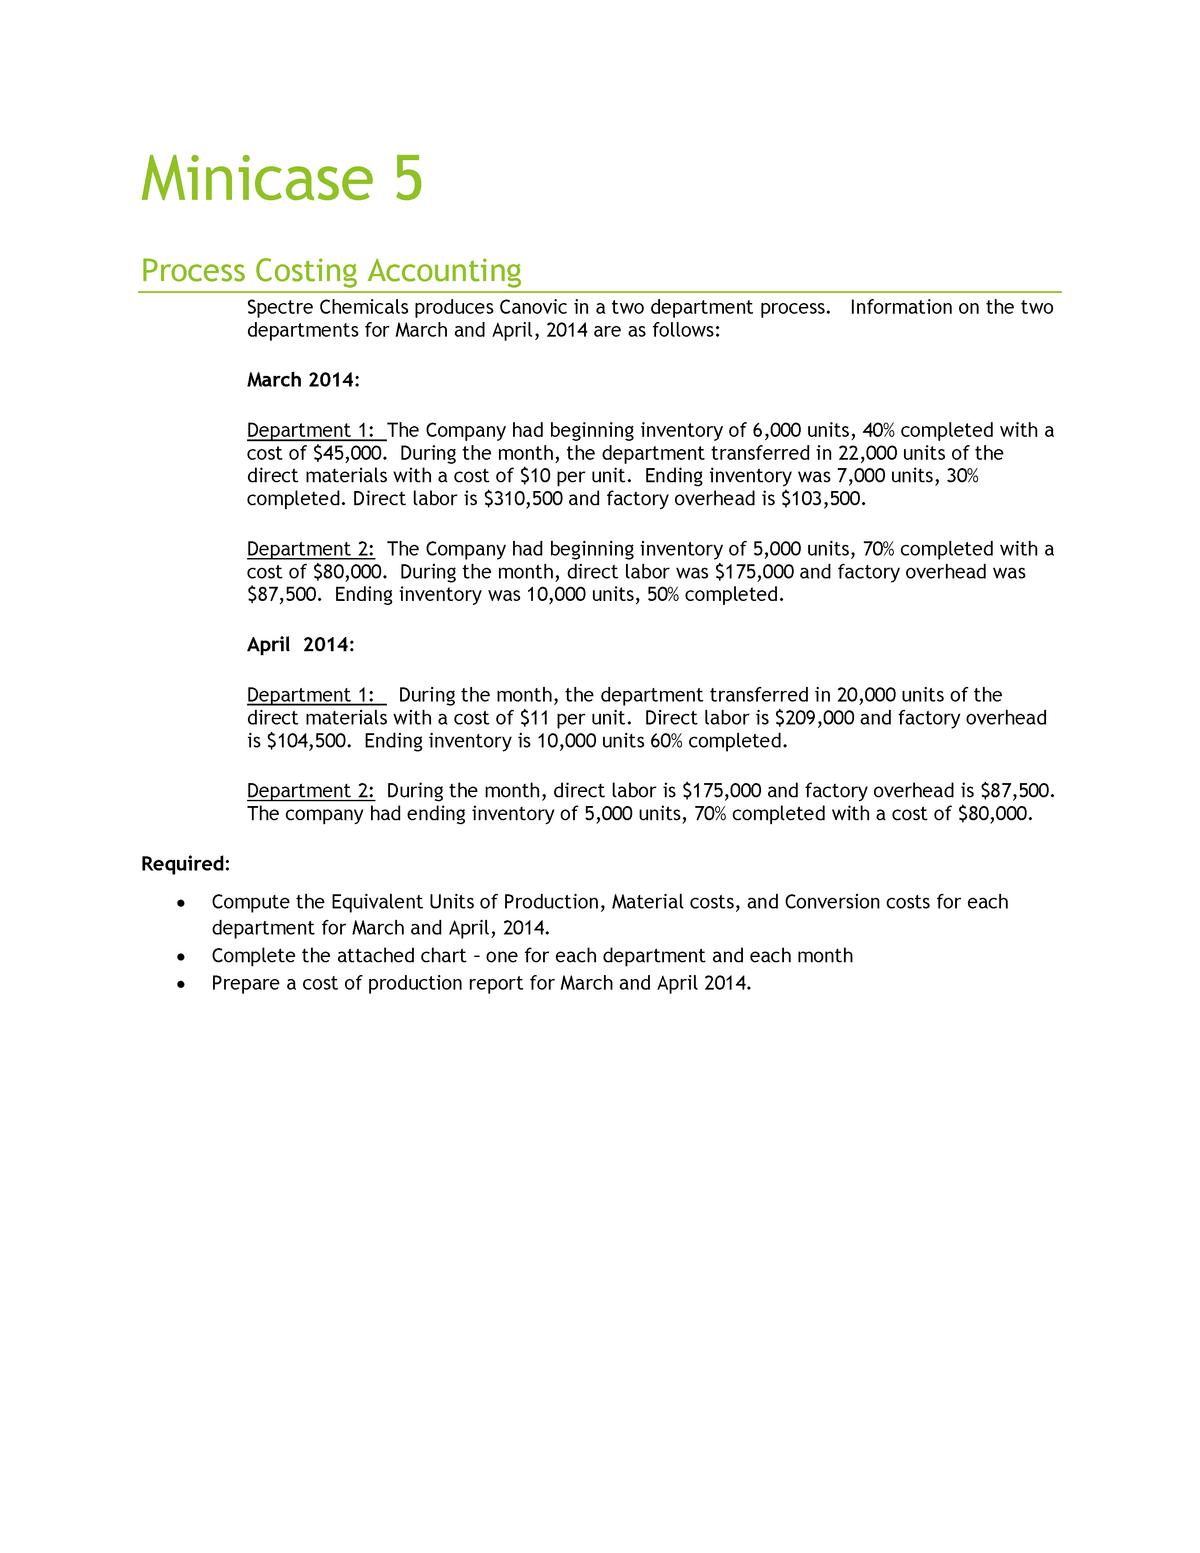 Minicase 7-eup - Case - Finance - StuDocu